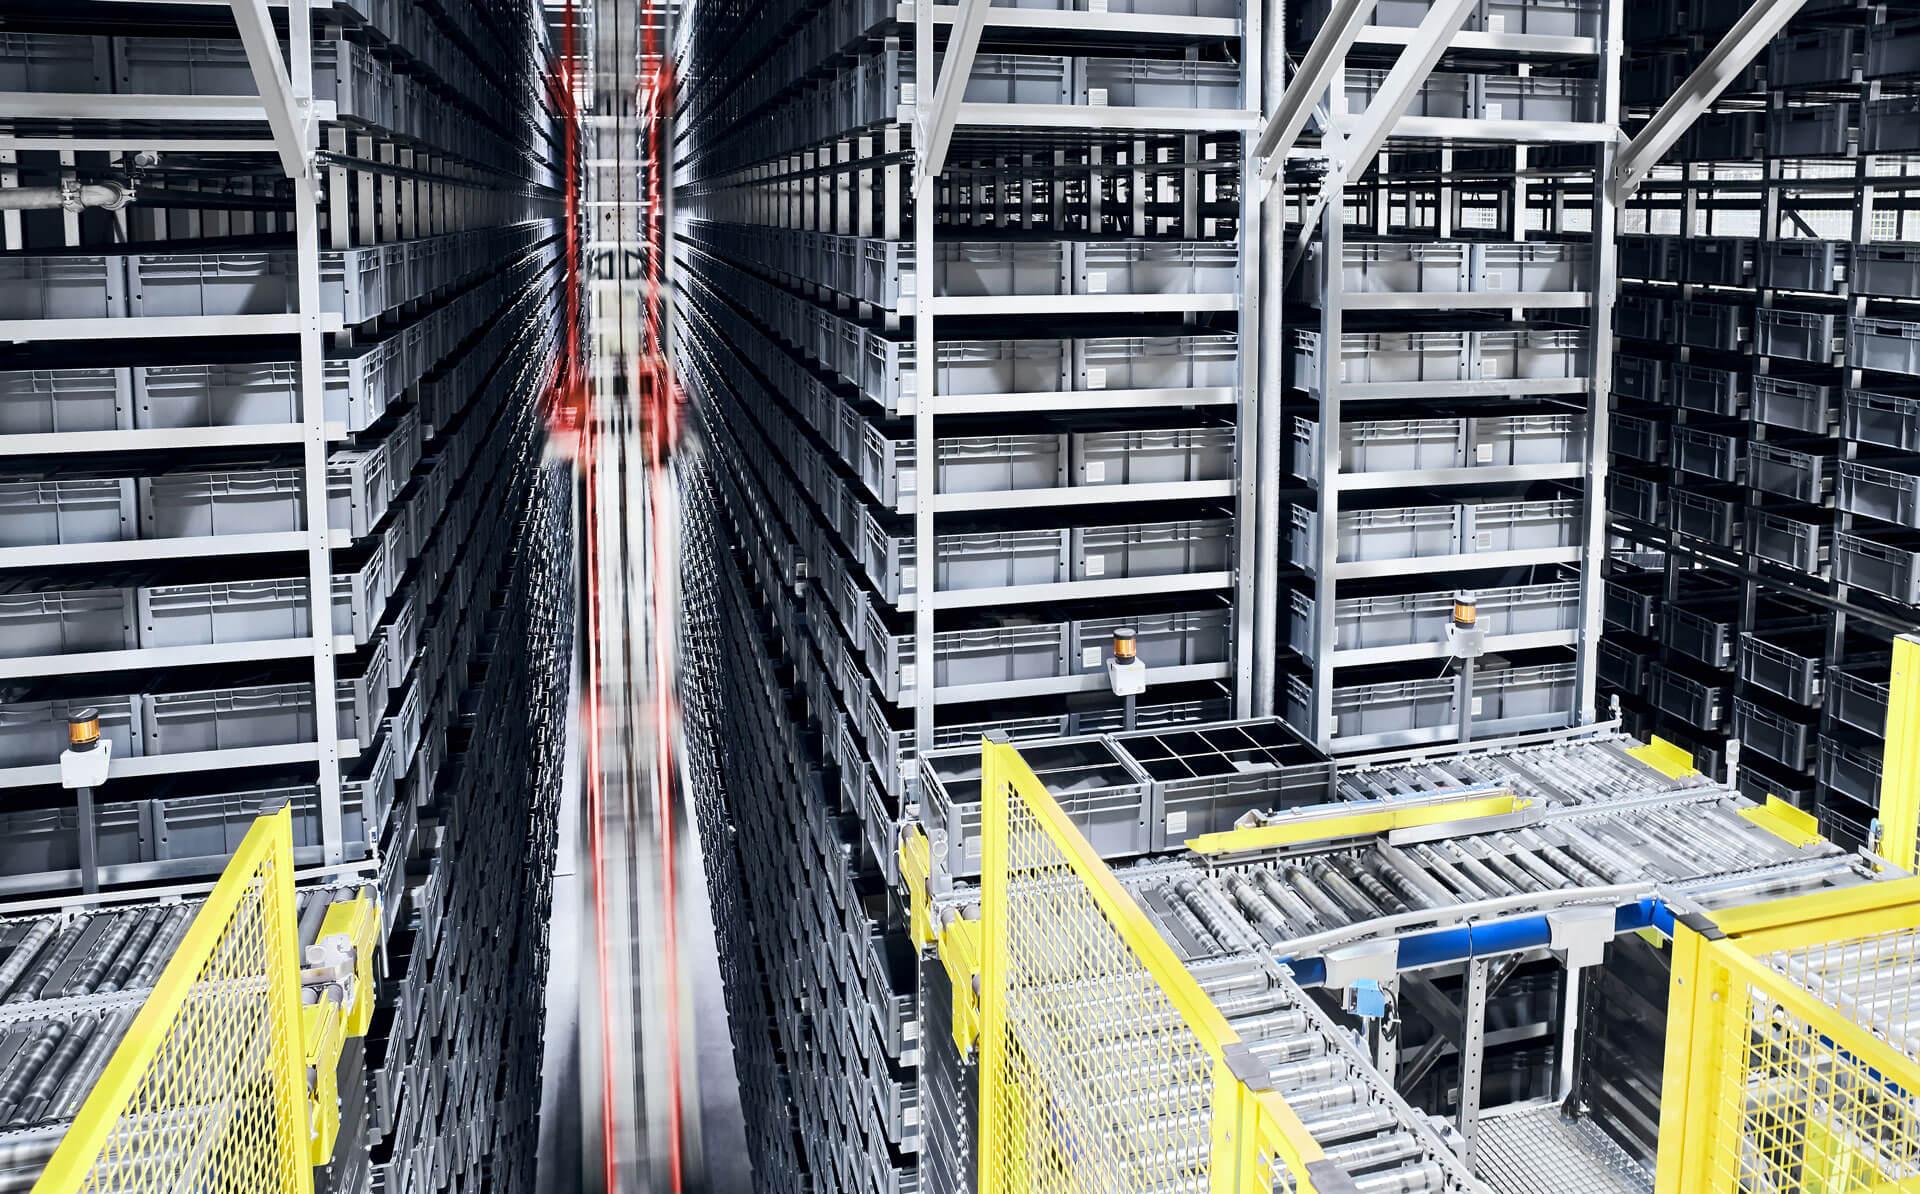 Automatische Lagersysteme, Lagersysteme, Engineering, Berechnungen, FEM Berechnungen, Consulting, Testaufbauten